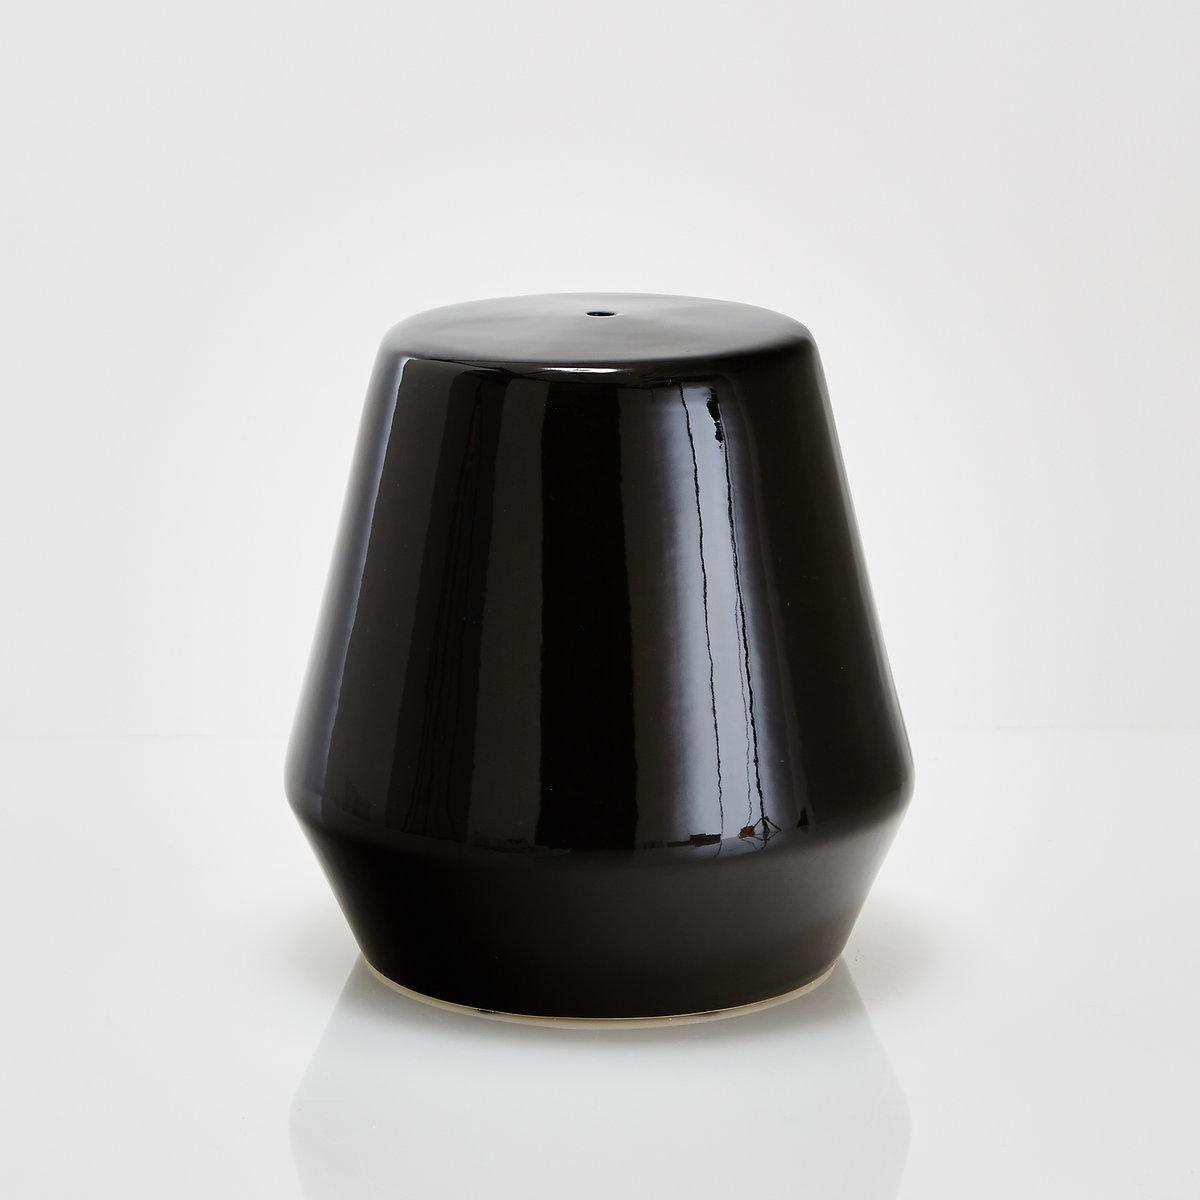 Столик журнальный или прикроватный из керамики, AmibiСтолик журнальный или прикроватный из керамики Amibi . Выберите декоративную модель из эмалированной керамики Amibi в аутентичном строгом стиле, которая может служить вспомогательным или прикроватным столиком  .ХарактеристикиХарактеристики столика Amibi  :Эмалированная керамика .Размеры столика Amibi :Общие размерыДиаметр : 40 смВысота : 40 смДругие предметы декора - в коллекции на сайте laredoute.ru.Размеры и вес упаковки :1 упаковка50 x 53 x 51 см 9 кг  Доставка на дом:Доставка на дом осуществляется по предварительной договоренности!Внимание: Убедитесь в том, что товар возможно доставить на дом, учитывая его габариты(проходит в двери, по лестницам, в лифты).<br><br>Цвет: черный